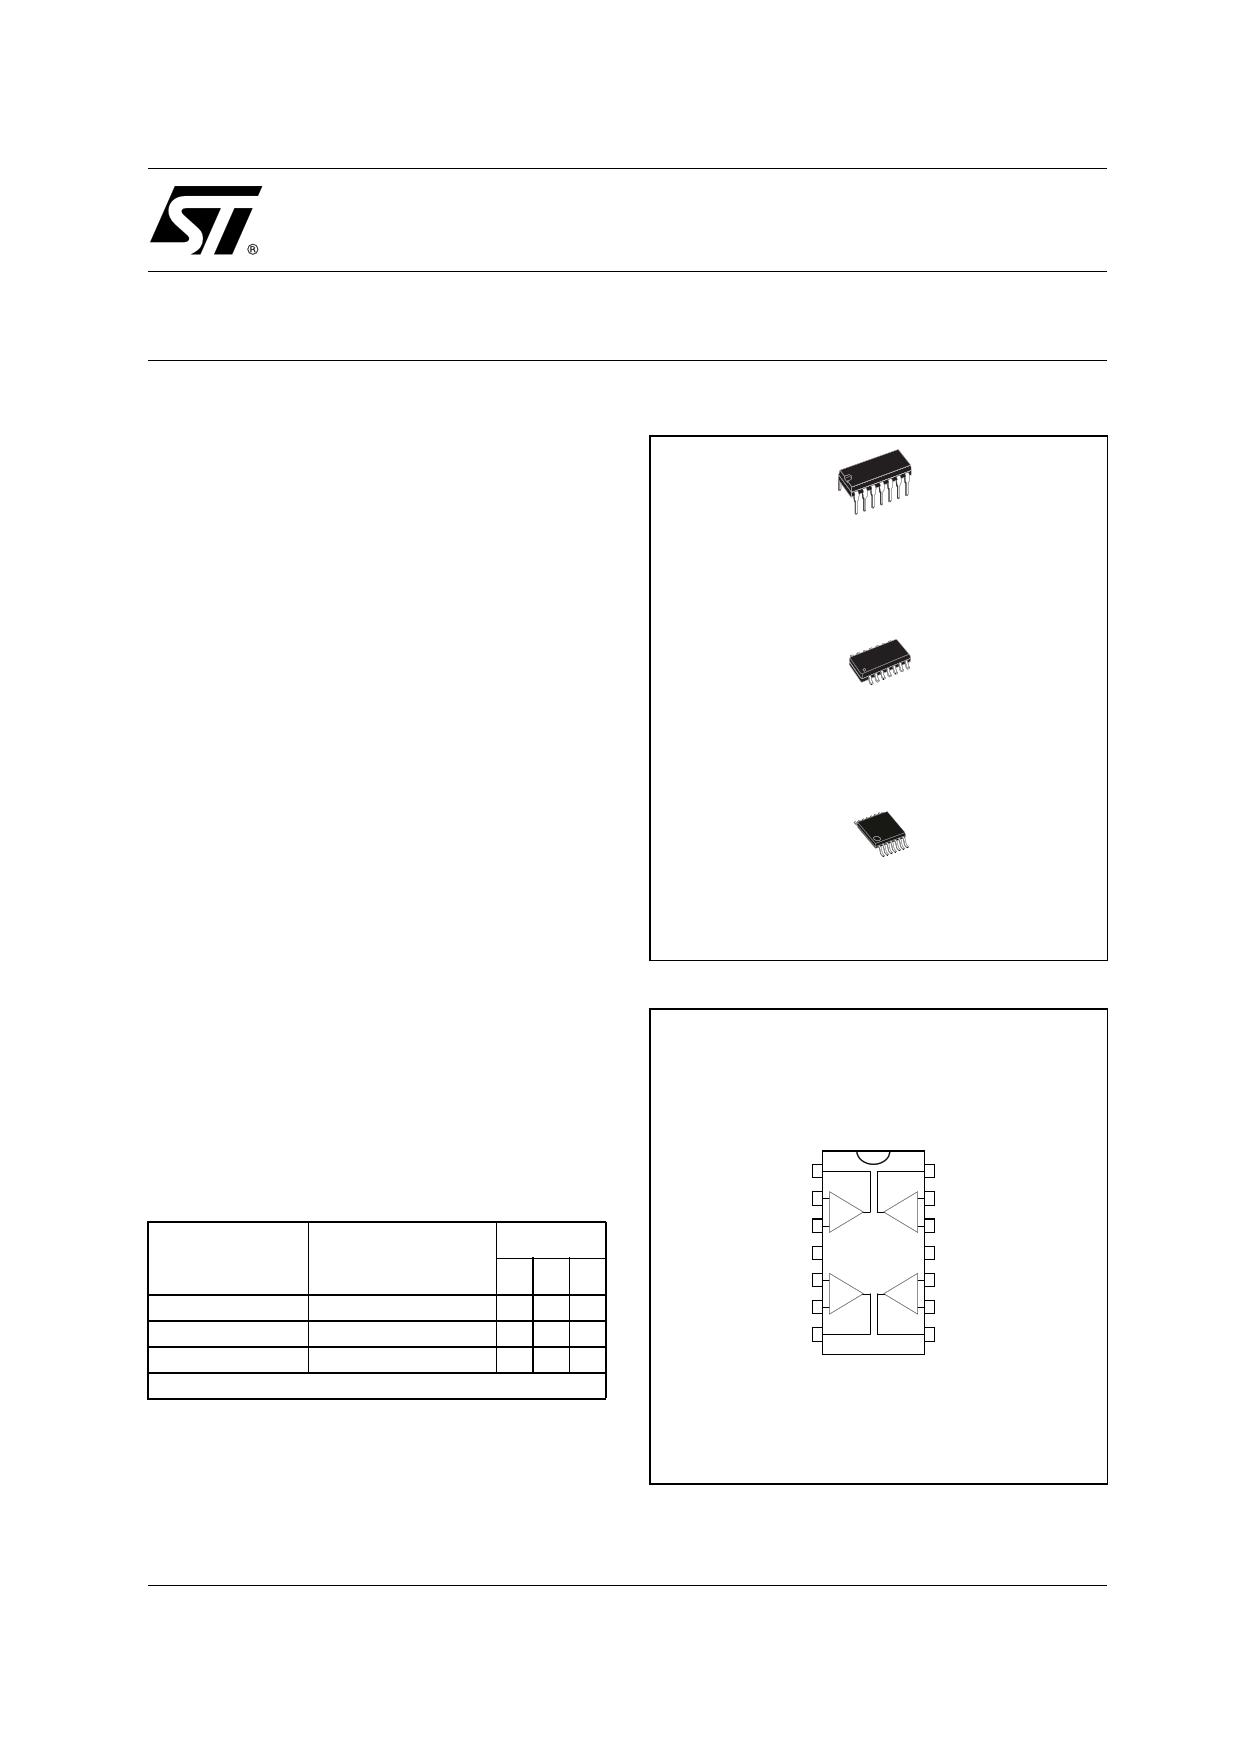 TS27L4AM Datasheet, TS27L4AM PDF,ピン配置, 機能